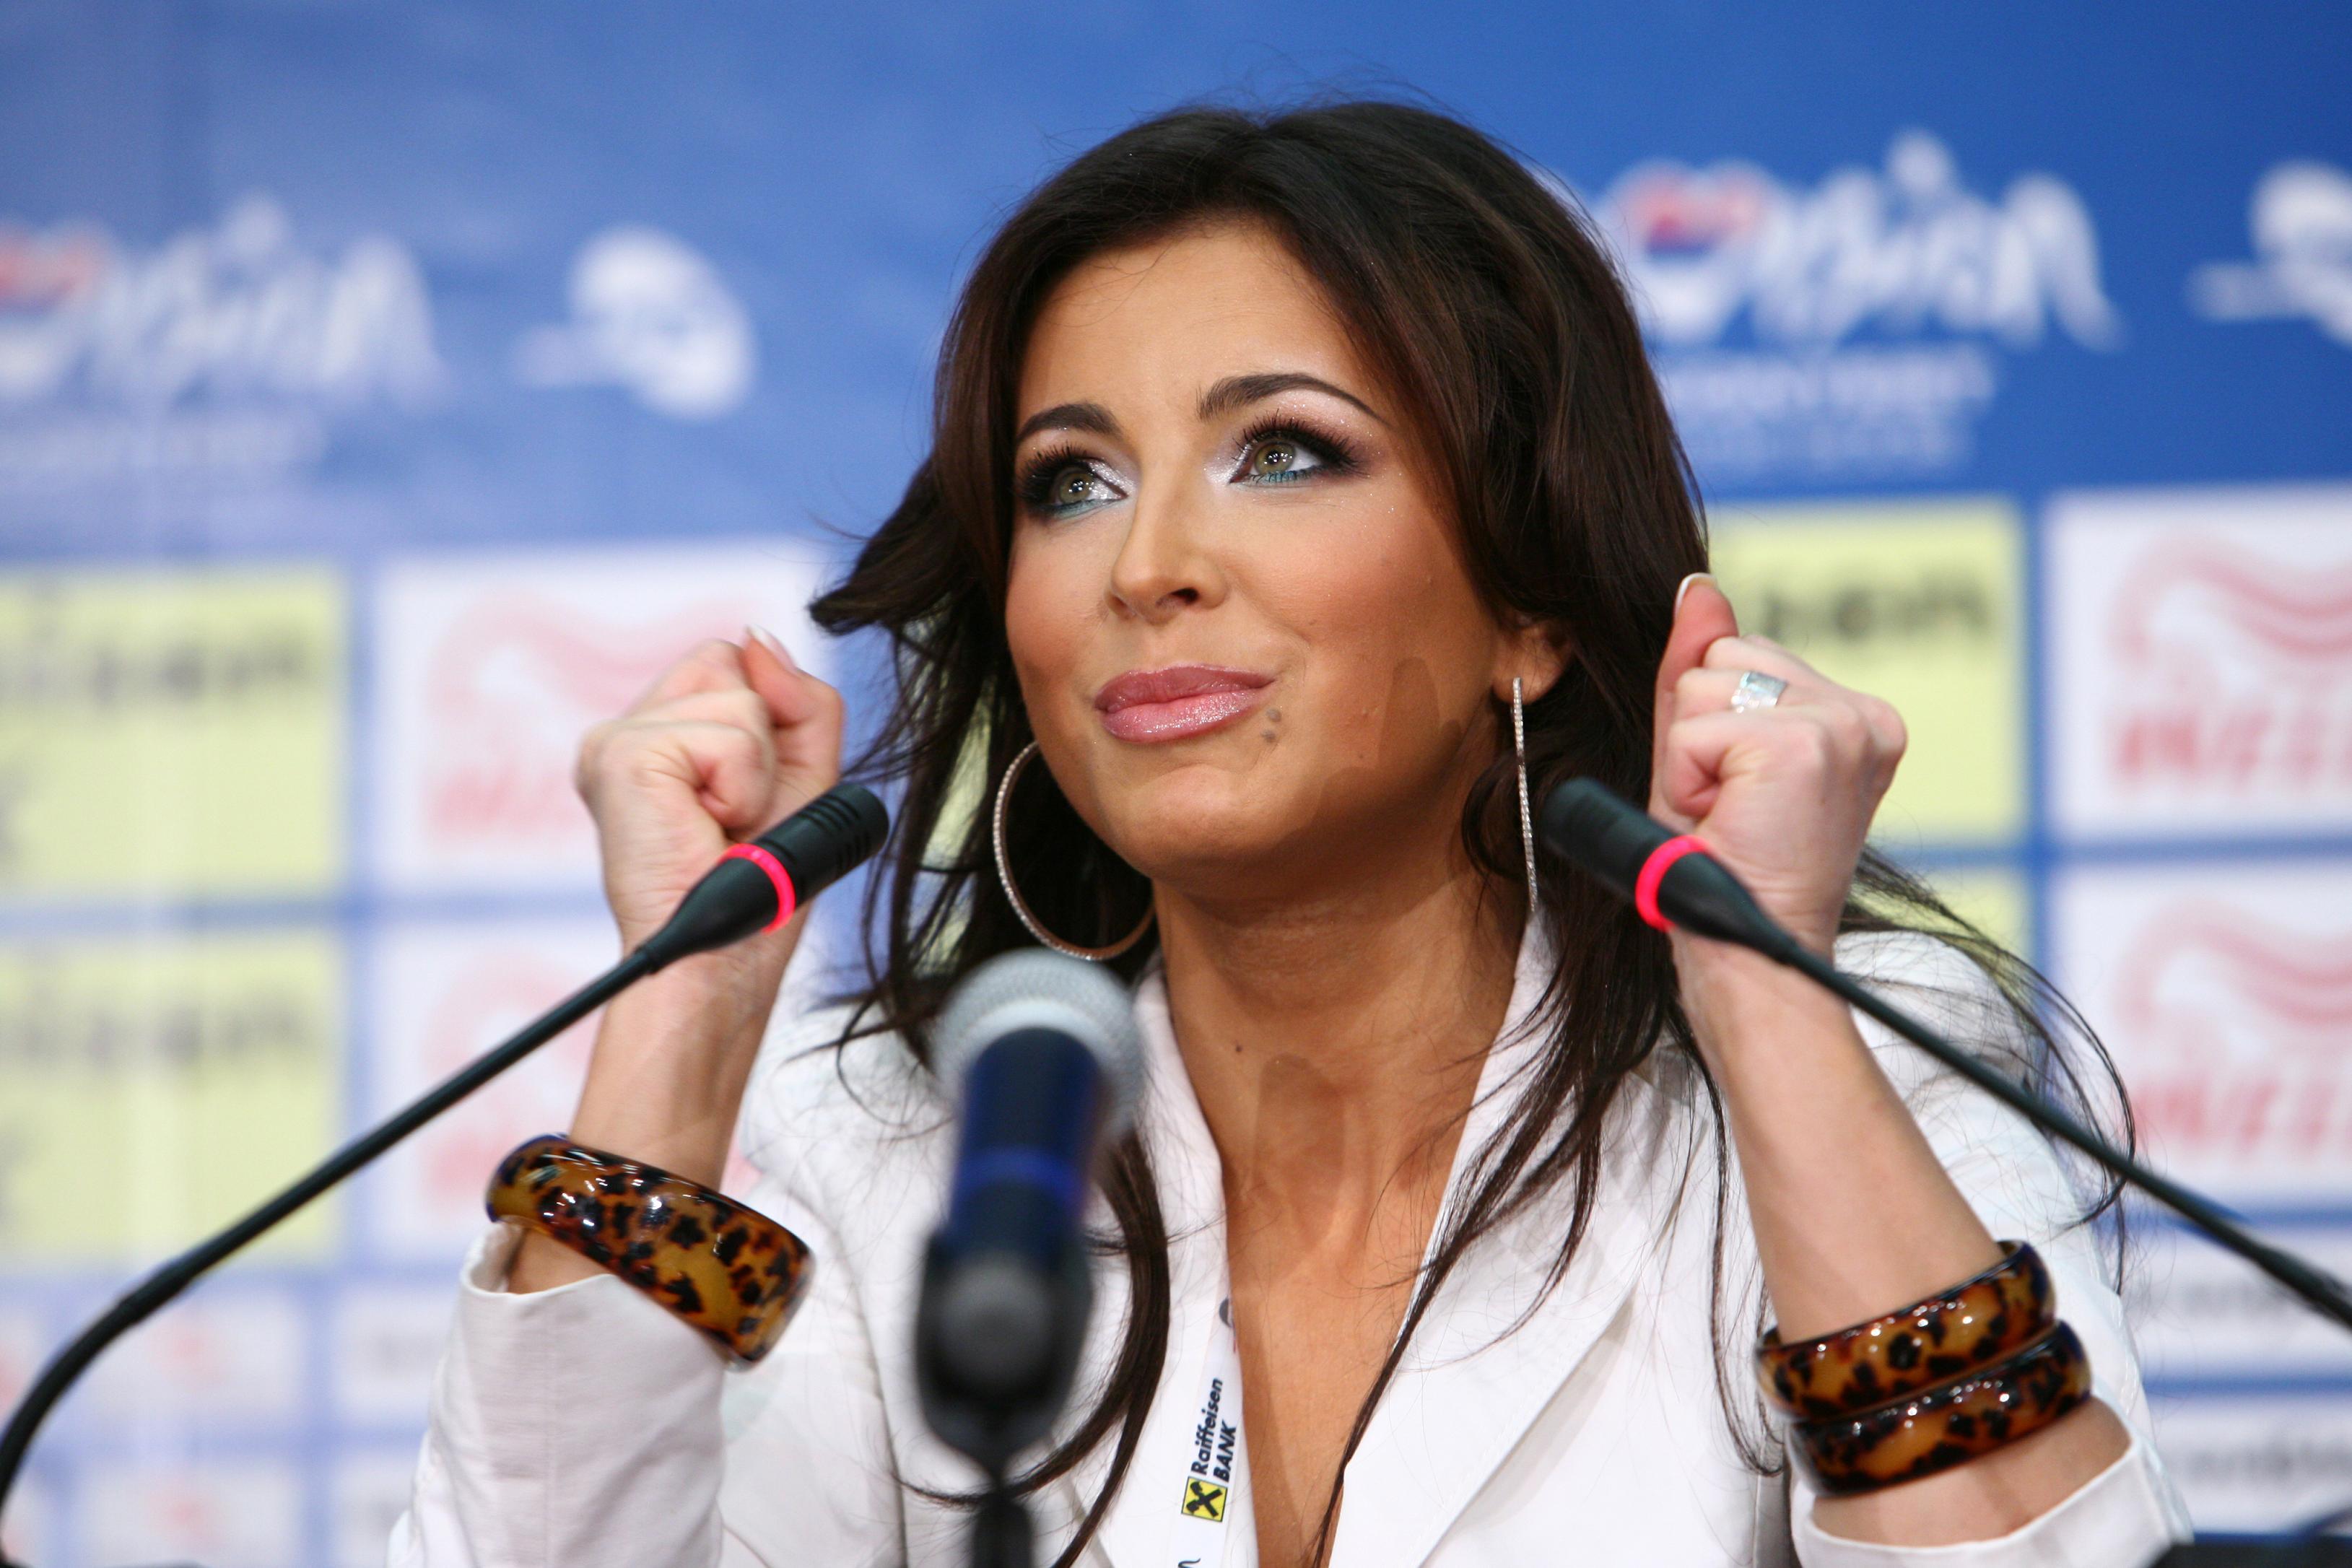 Порно жесткое фото популярных русских певиц видео